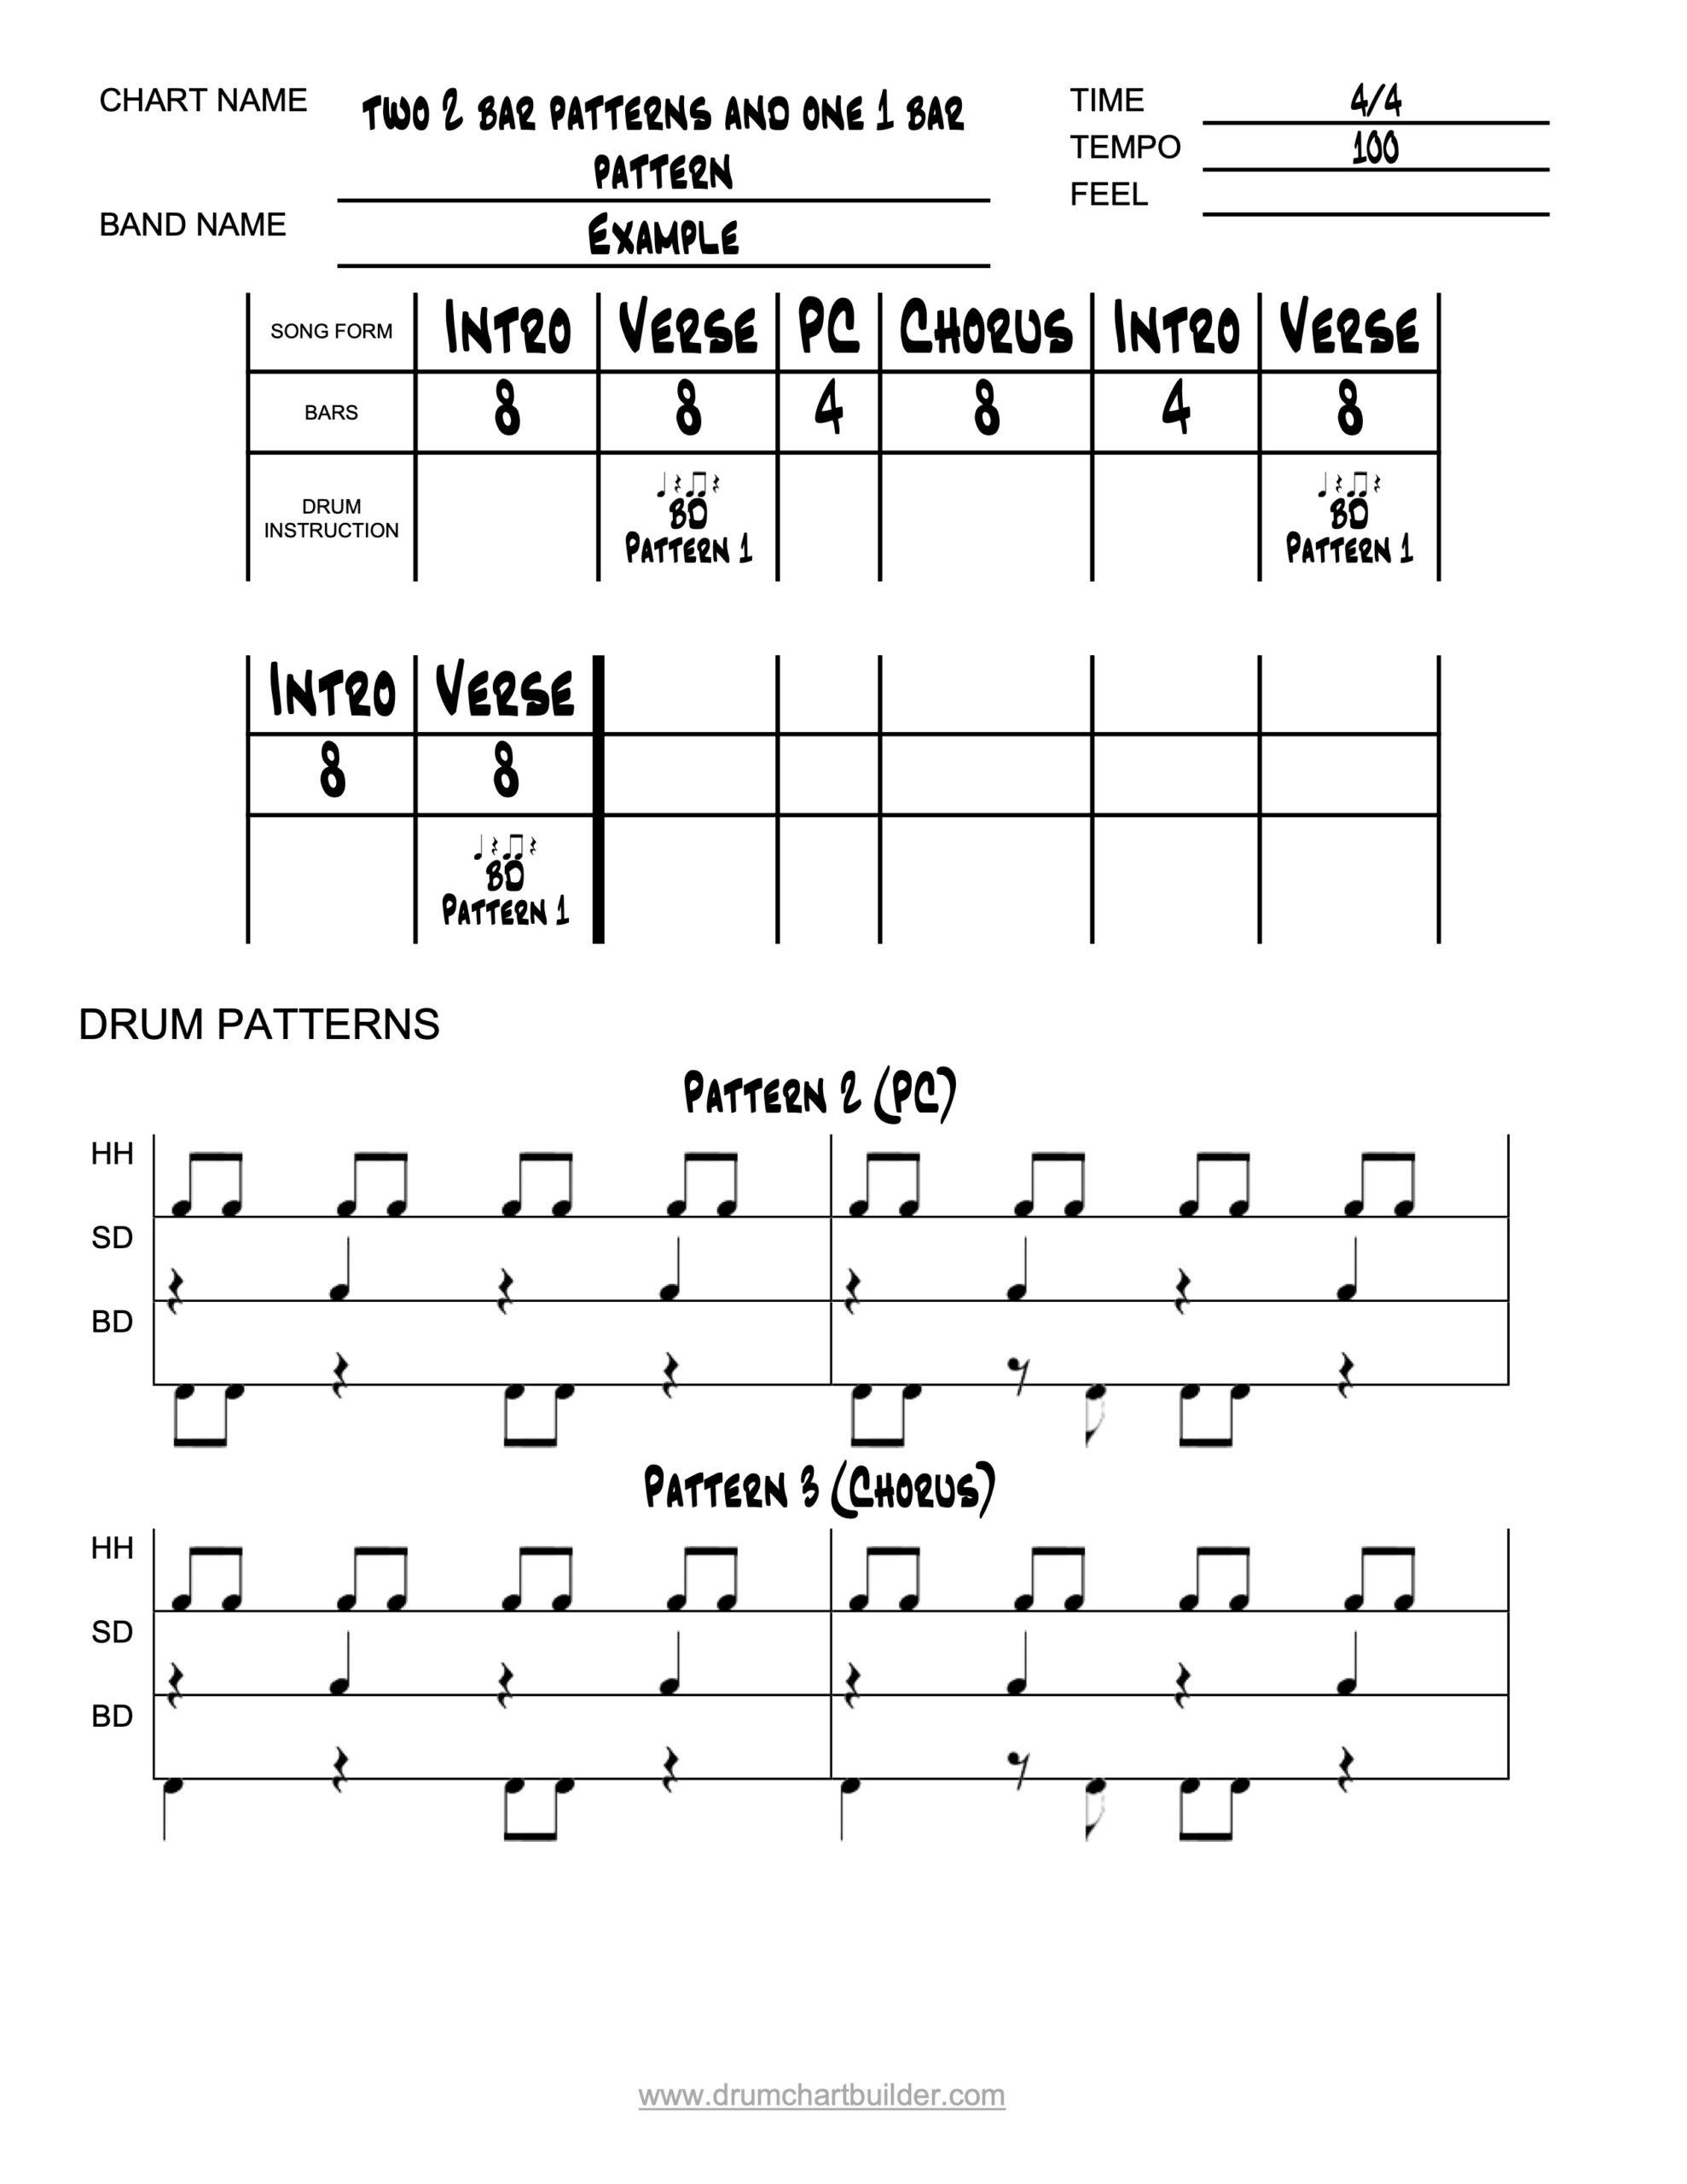 2 bar and 1 bar patterns